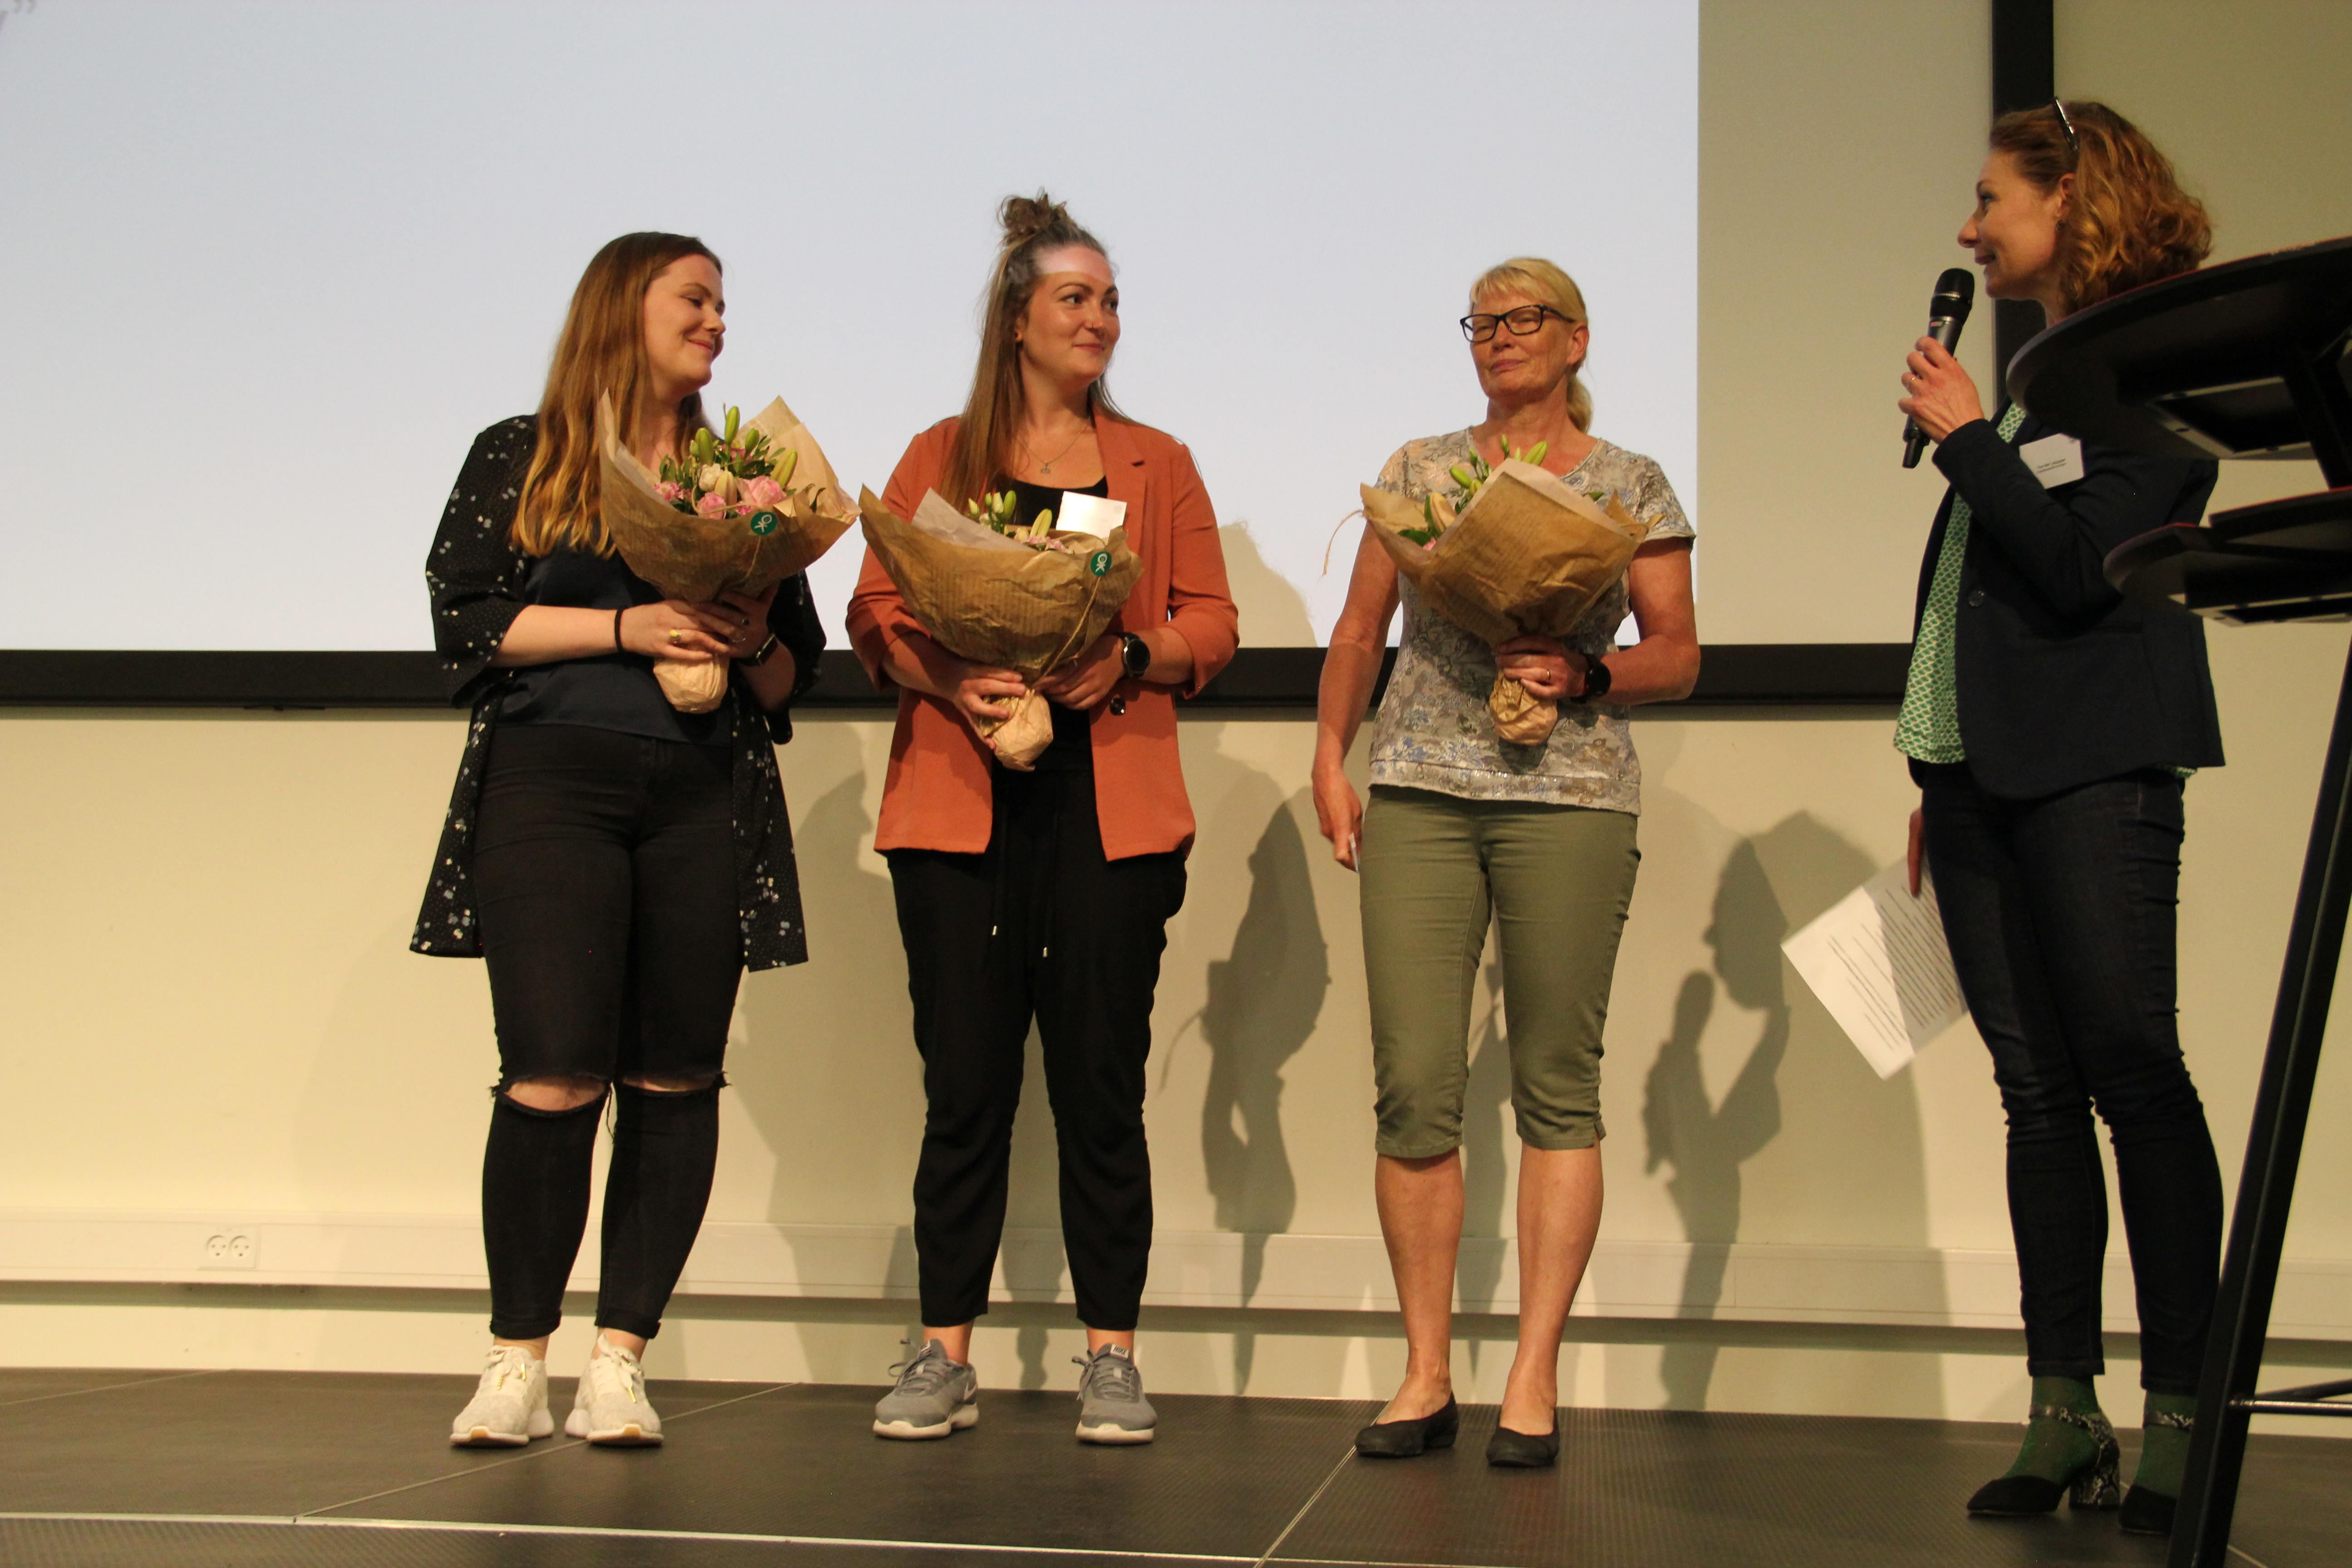 Vinderne af dette forårs bachelorpris: Cecilie Hildebrandt, Mie Kildegaard og Pia Thomsen får overrakt prisen af Tina Nør Langager..